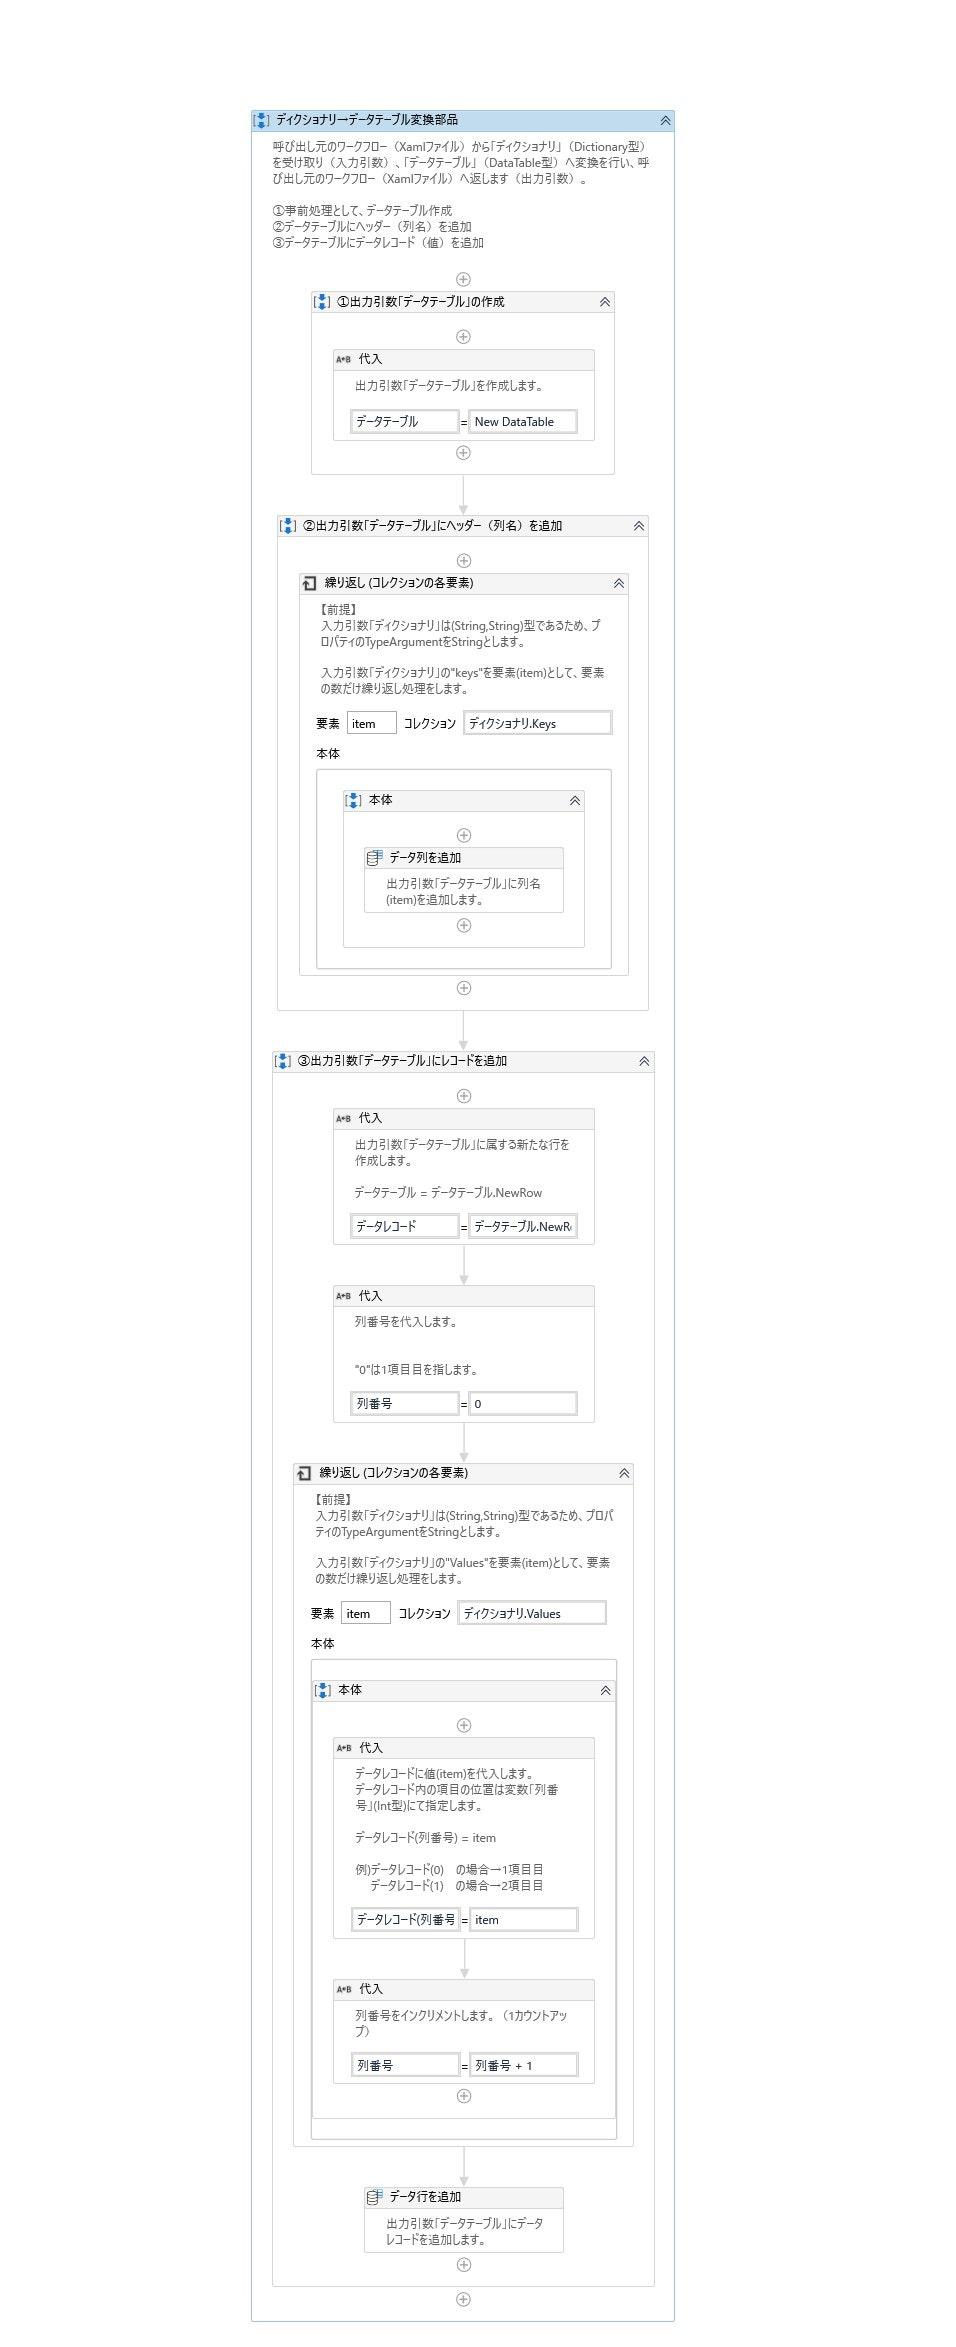 ディクショナリ_データテーブル変換部品.jpg